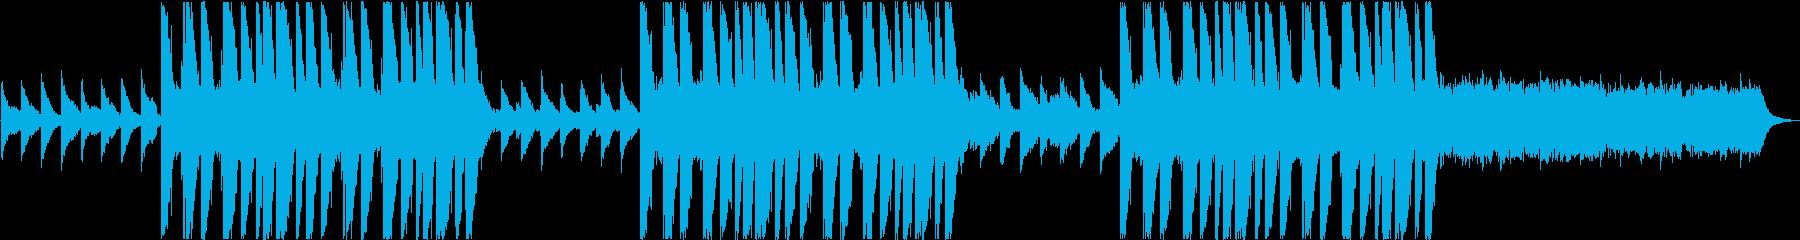 静か・洋楽・バラード・ピアノ・感動的の再生済みの波形